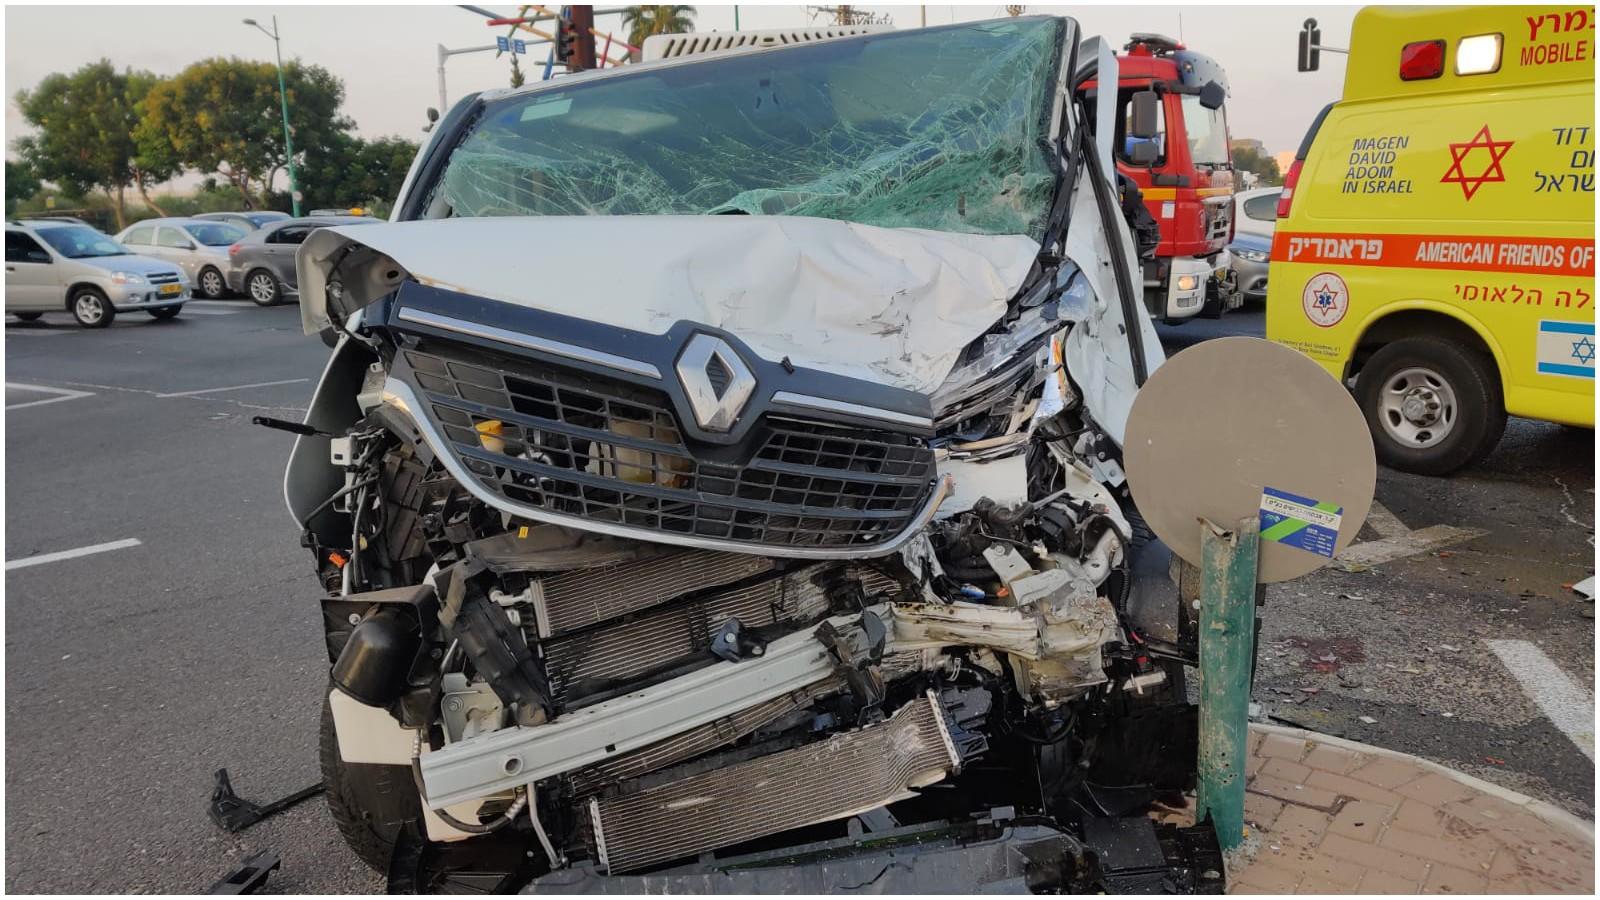 תאונה בדרך אם המושבות בפתח תקווה, צילום מאיה סורמלו בן ישראל